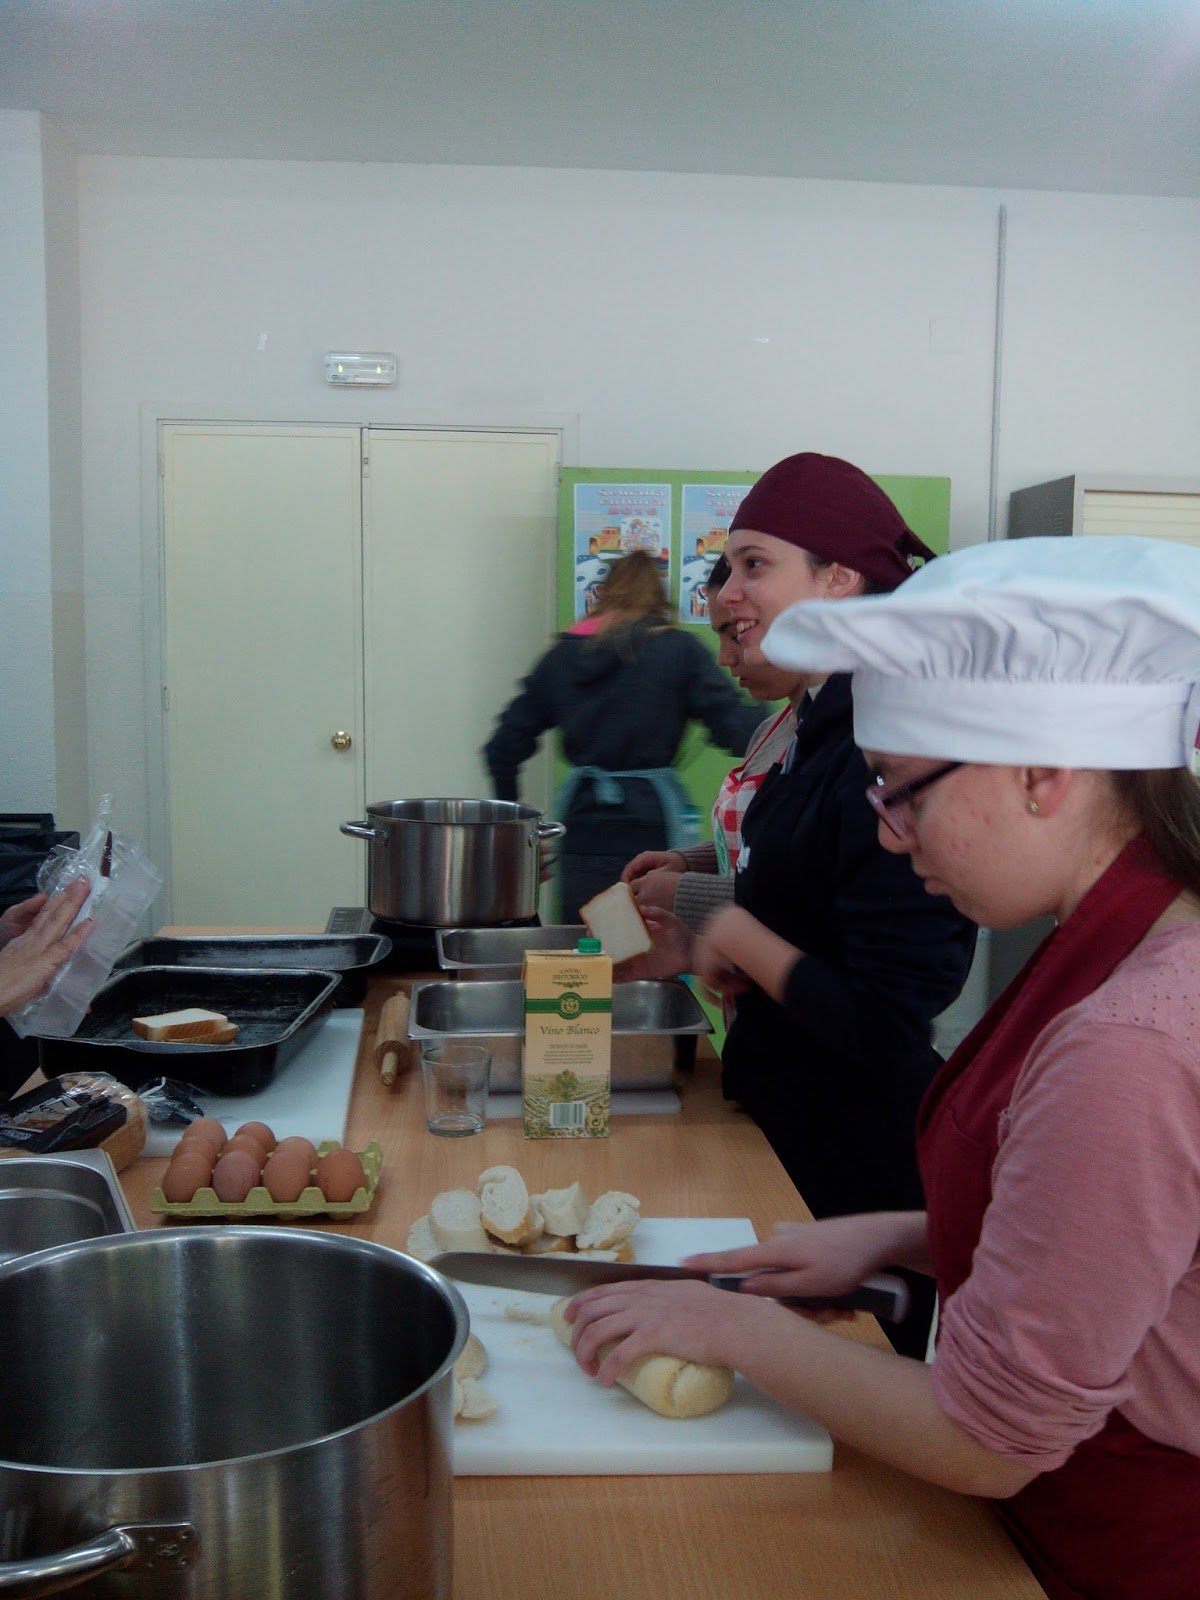 Blog de los alumnos de secundaria del antonio gala taller - Cocinas dos hermanas ...